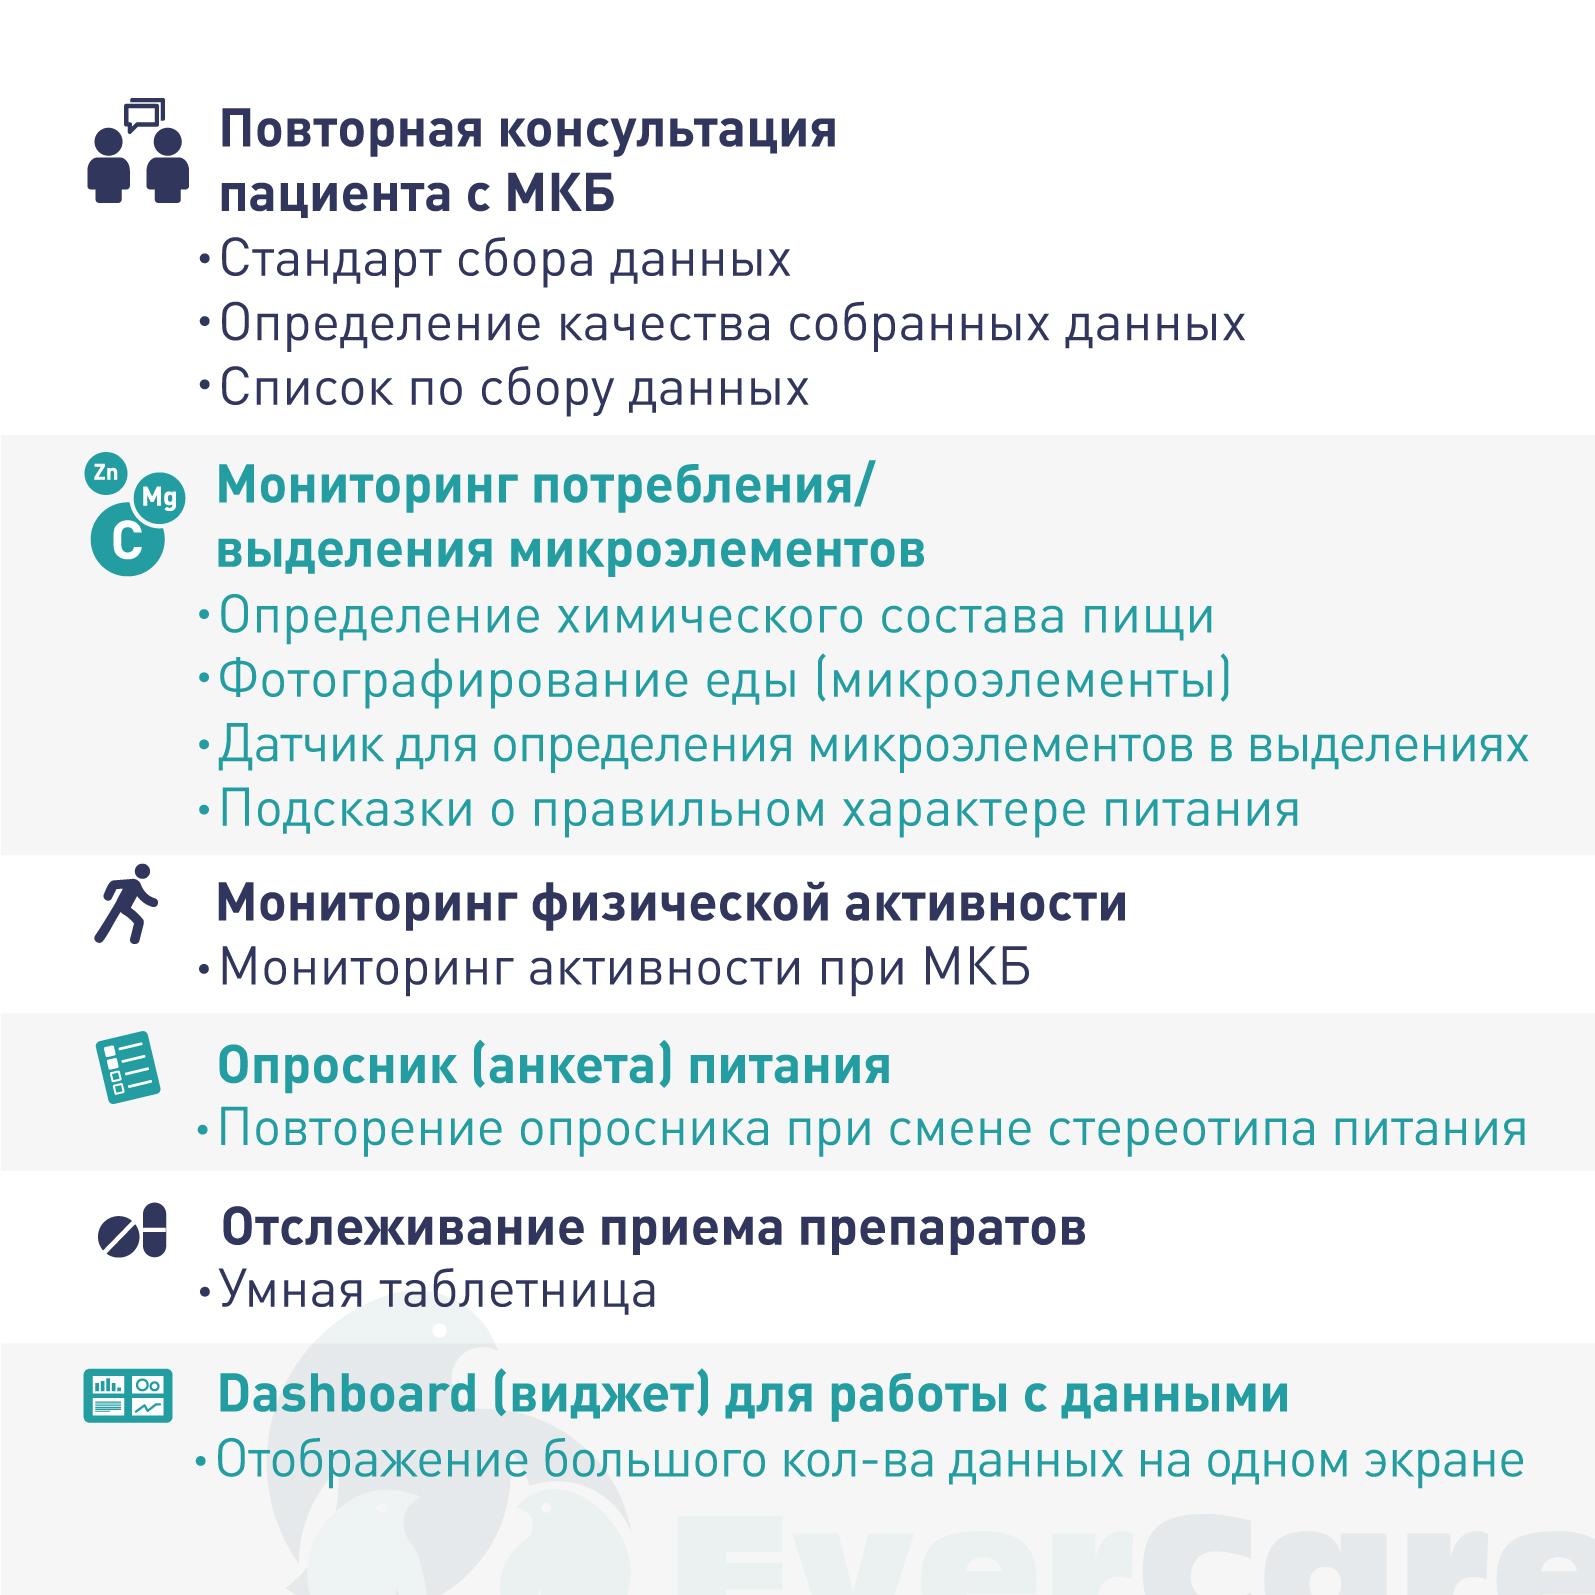 Профилактика и метафилактика мочекаменной болезни. Дистанционный мониторинг пациентов с МКБ